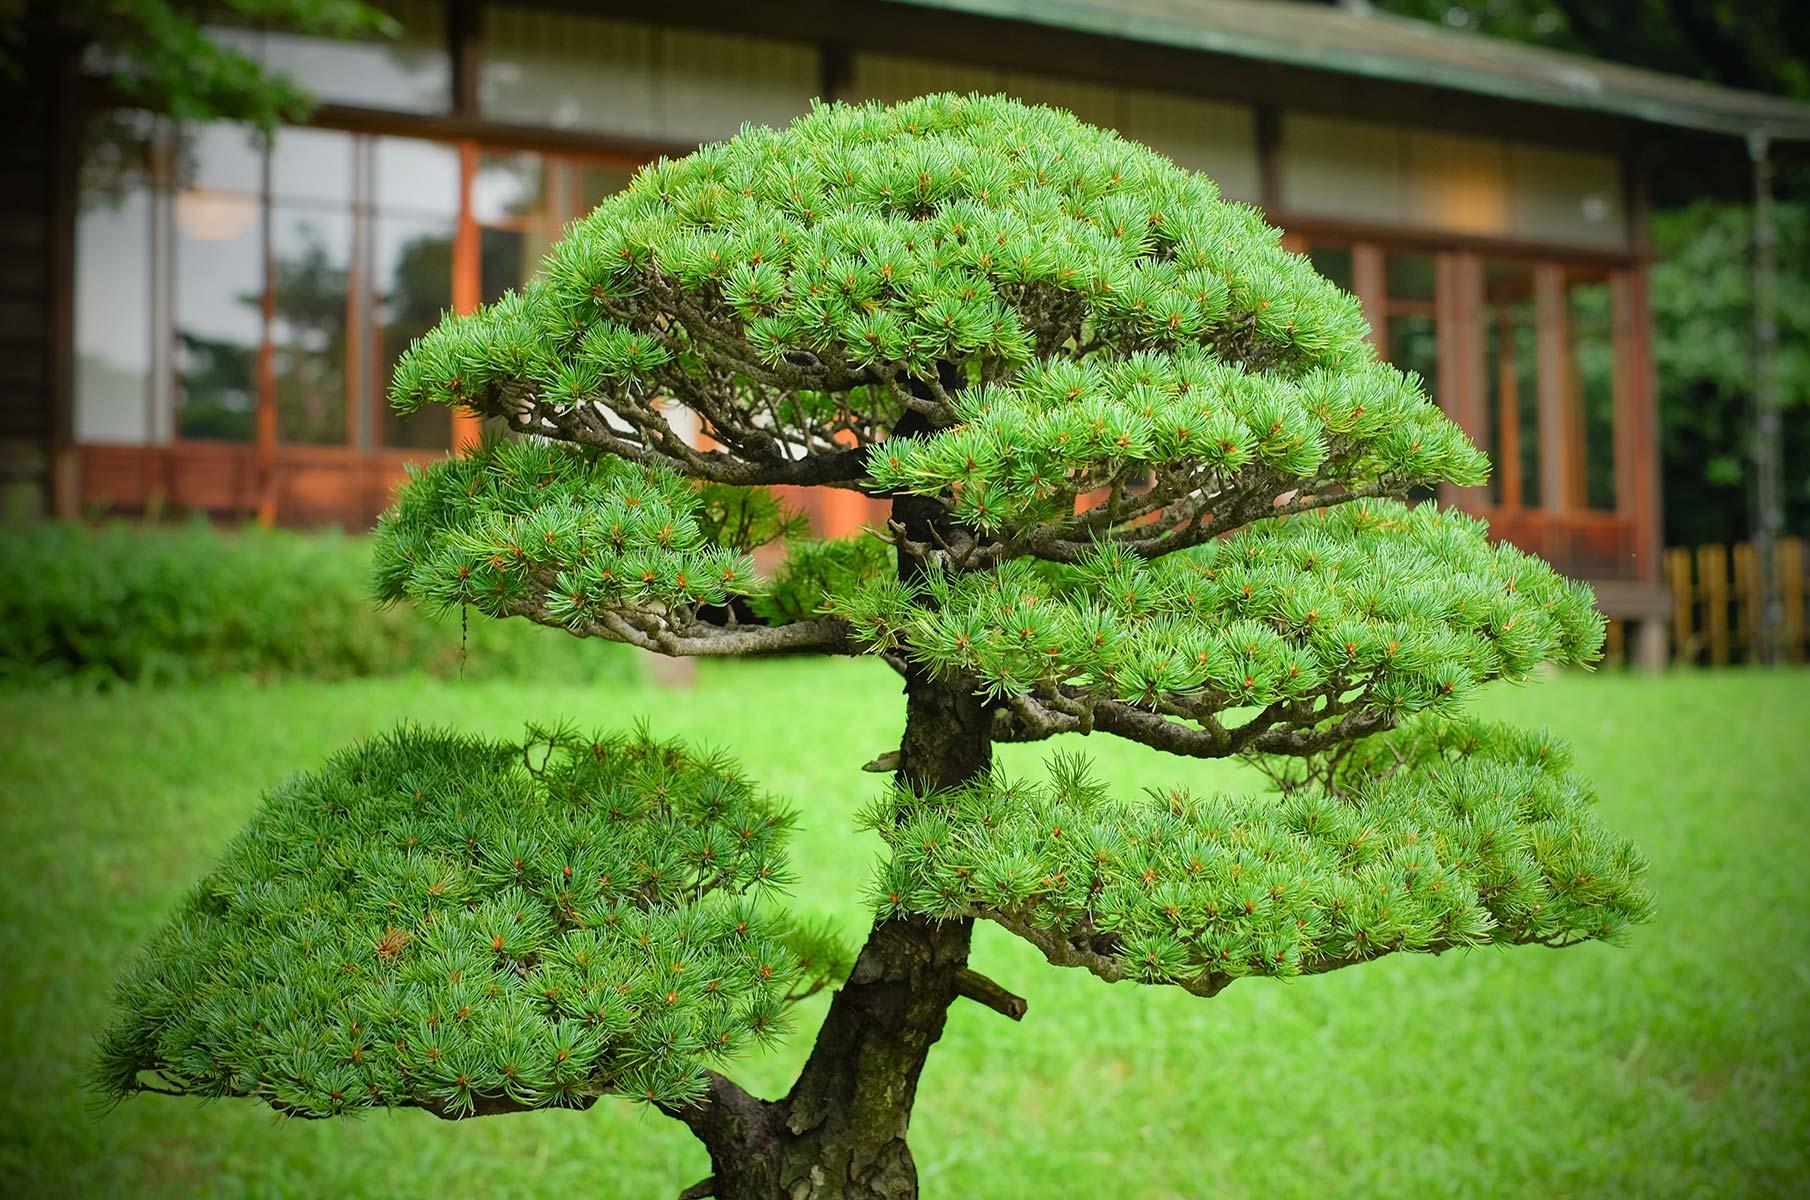 Bonsai Baum im Yoyogi Park in Tokyo, Japan